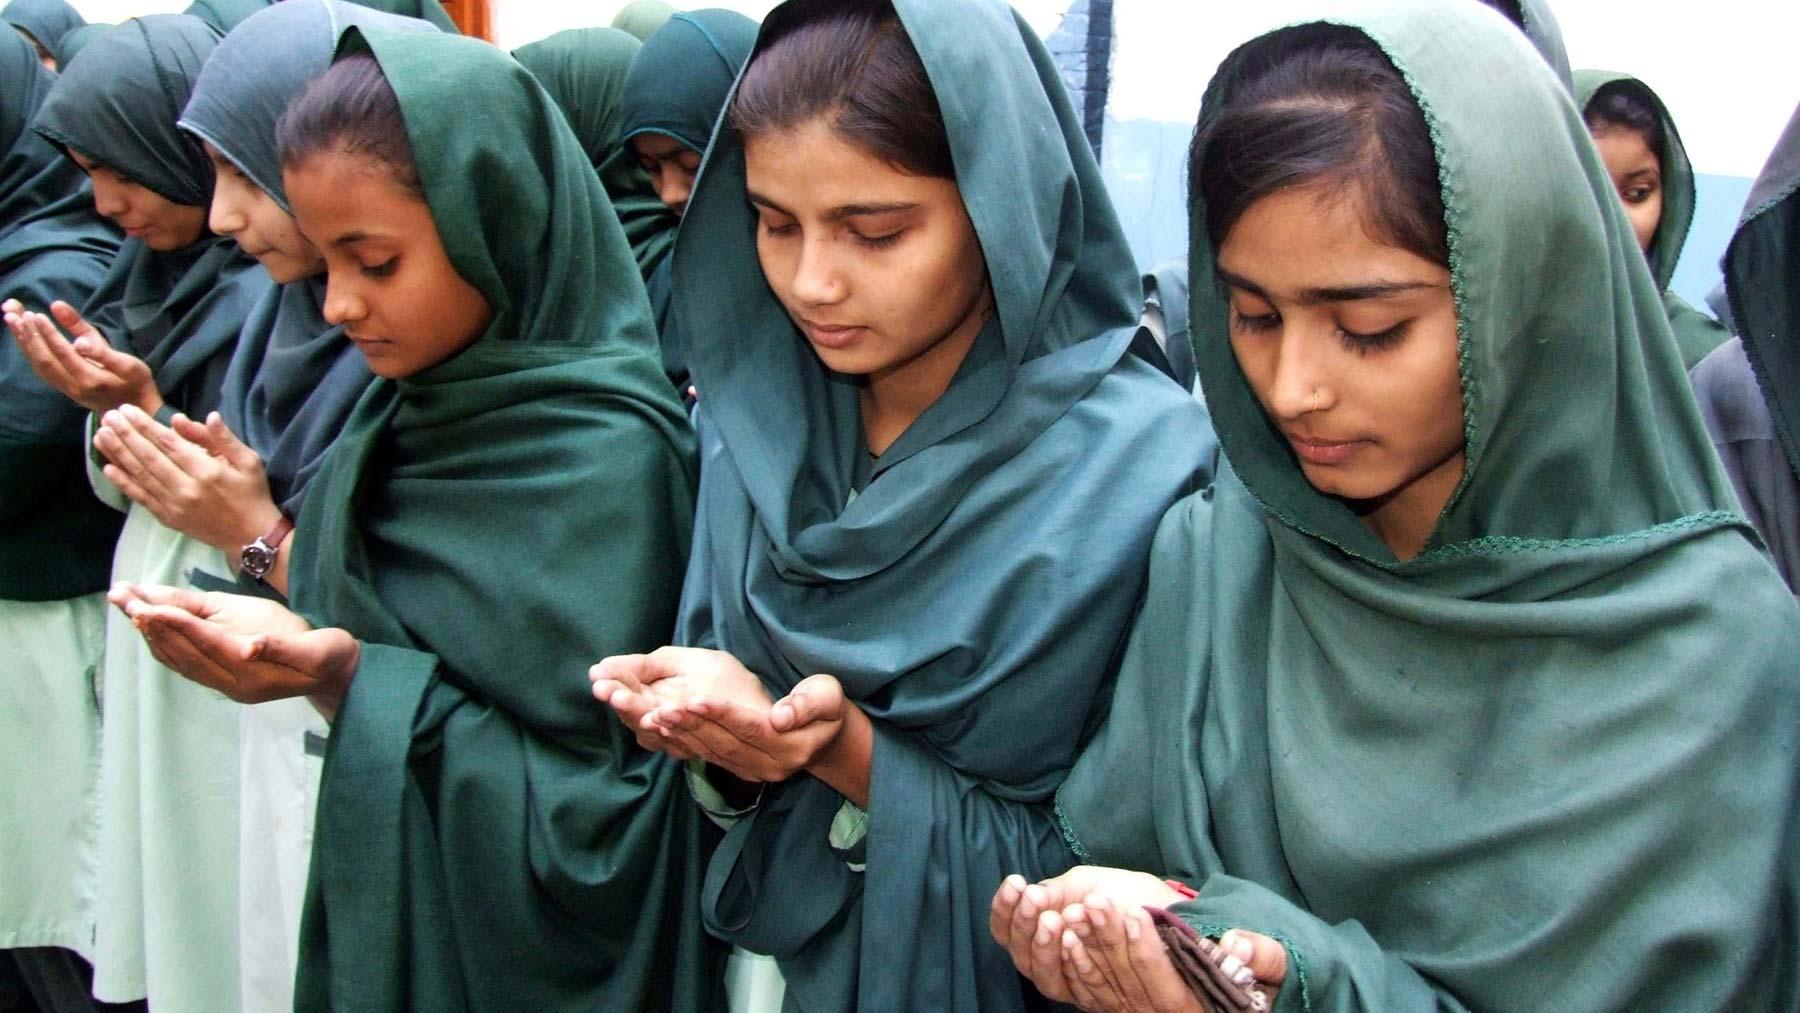 Varias alumnas rezan por los estudiantes asesinados alumnos en el ataque talibán contra un colegio gestionado por el Ejército en Peshawar